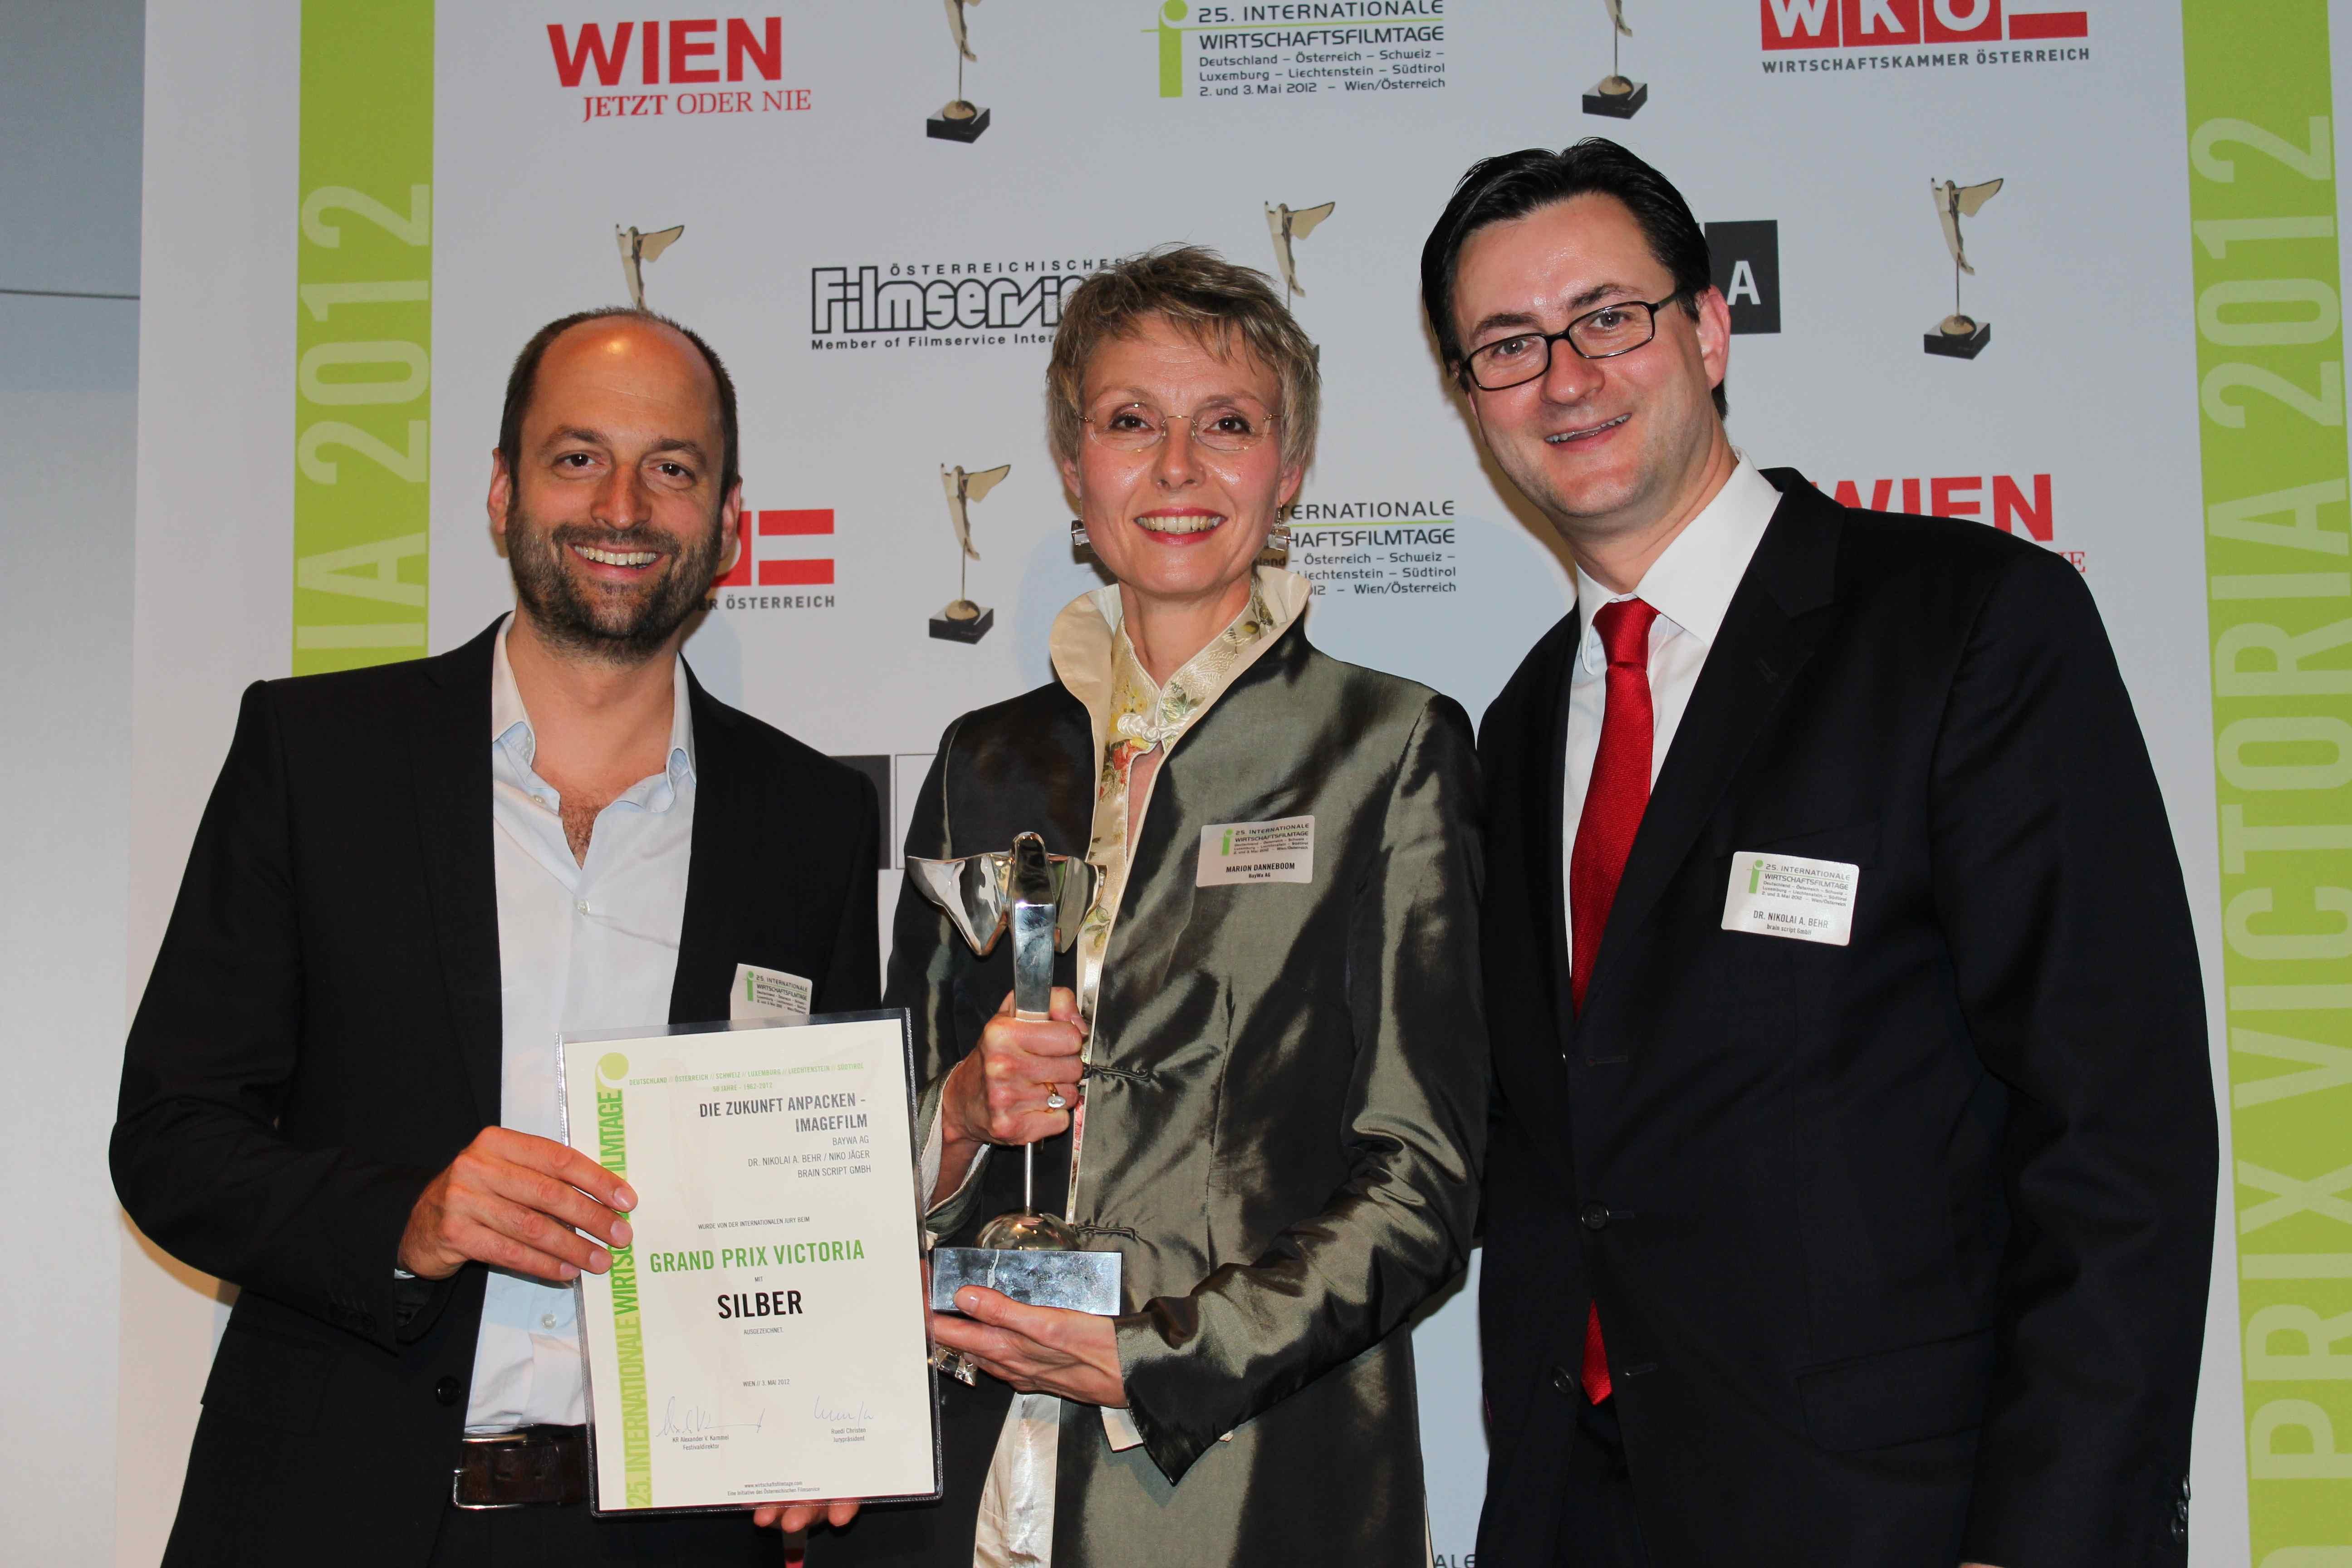 Silberne Victoria für BayWA AG Imagefilm: Regisseur Niko Jäger, BayWa PR-Chefin Marion Danneboom, Produzent Nikolai A. Behr in Wien